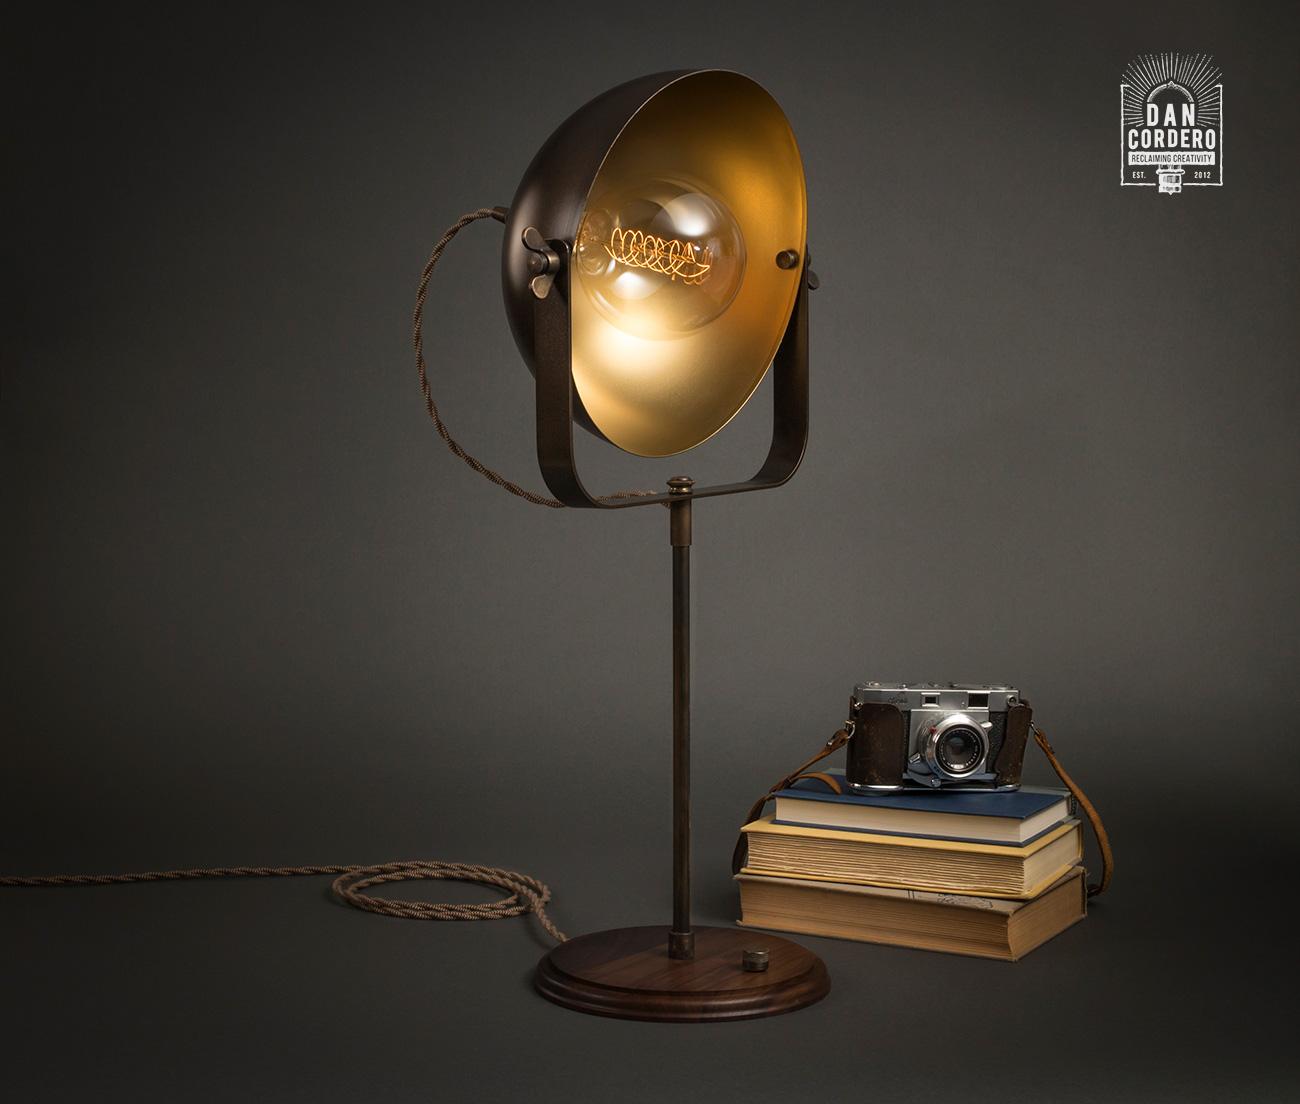 Studio Table Lamp Dan Cordero Lamp Studio Light Industrial Lamp